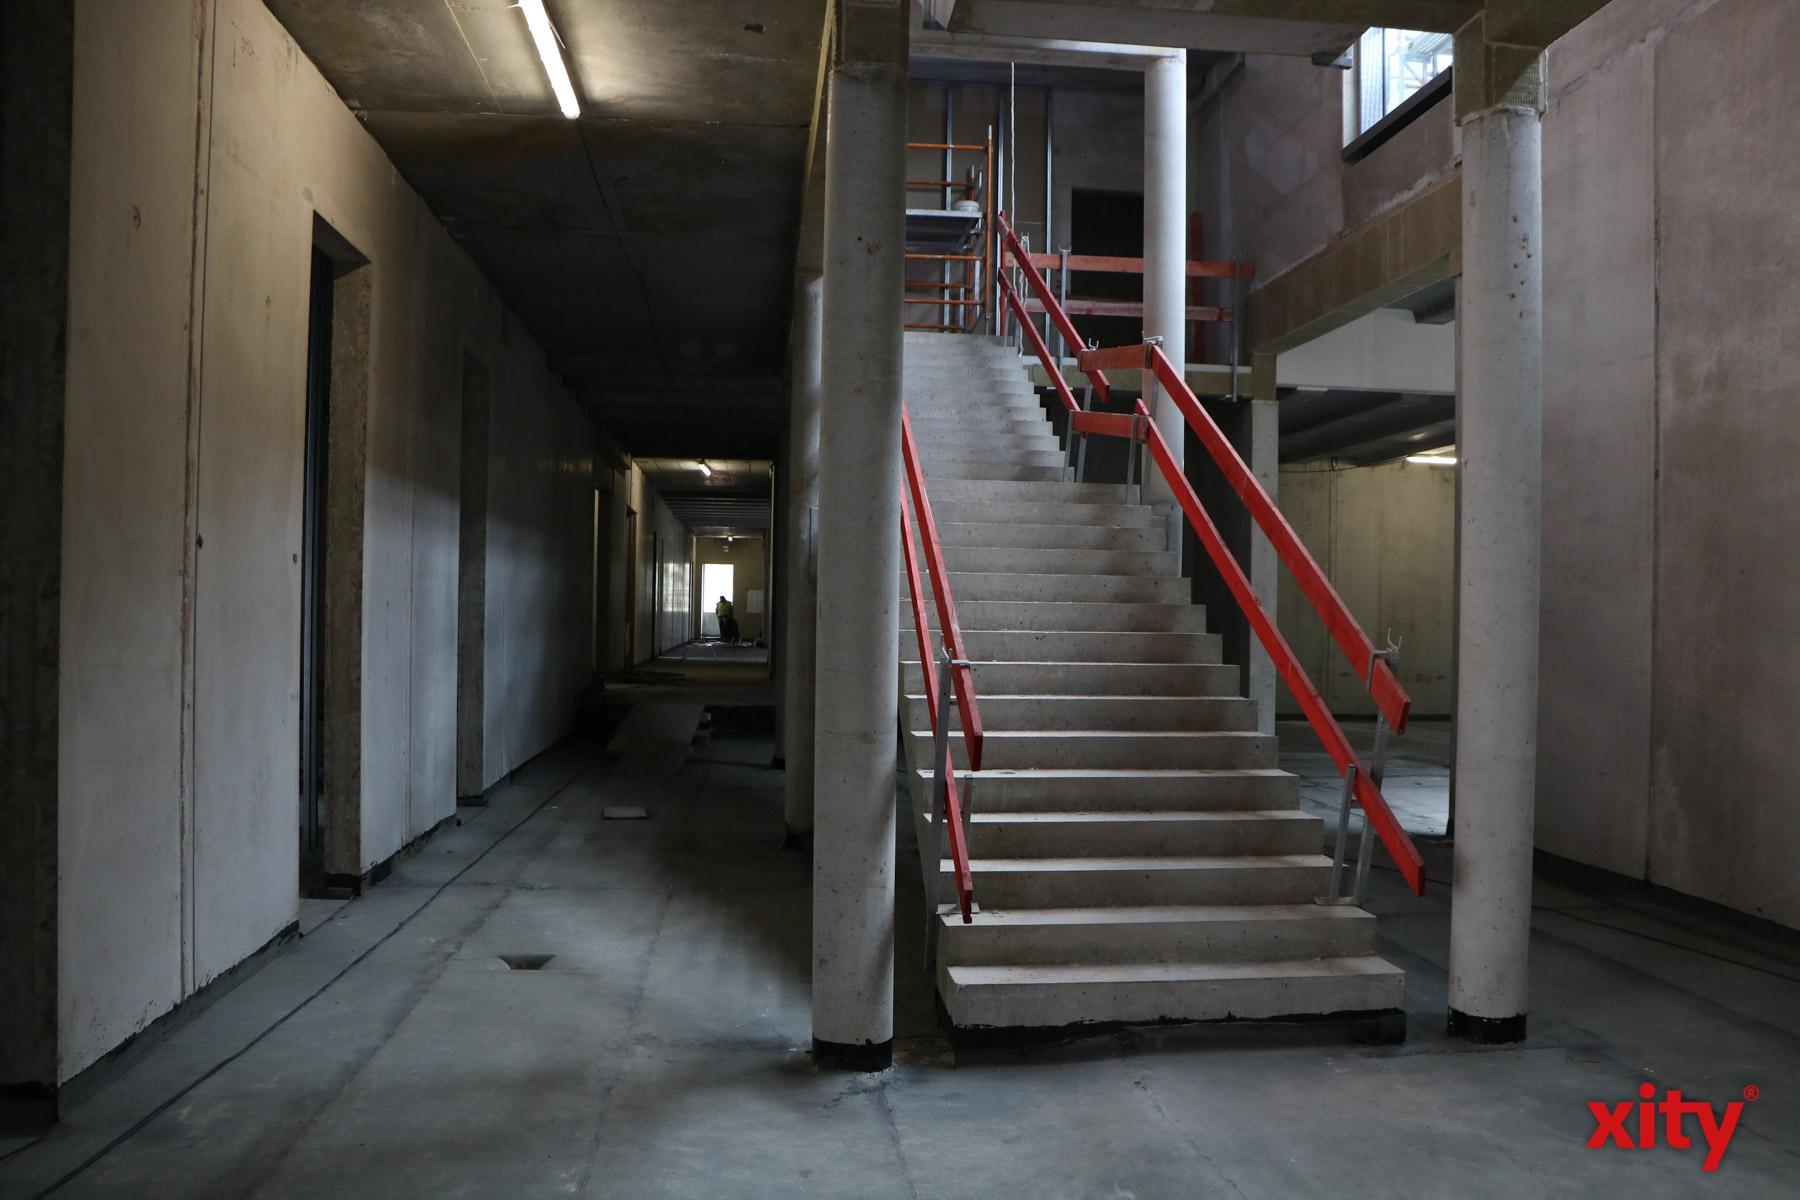 Der Rohbau der neuen Toni-Turek-Realschule ist abgeschlossen (Foto: xity)